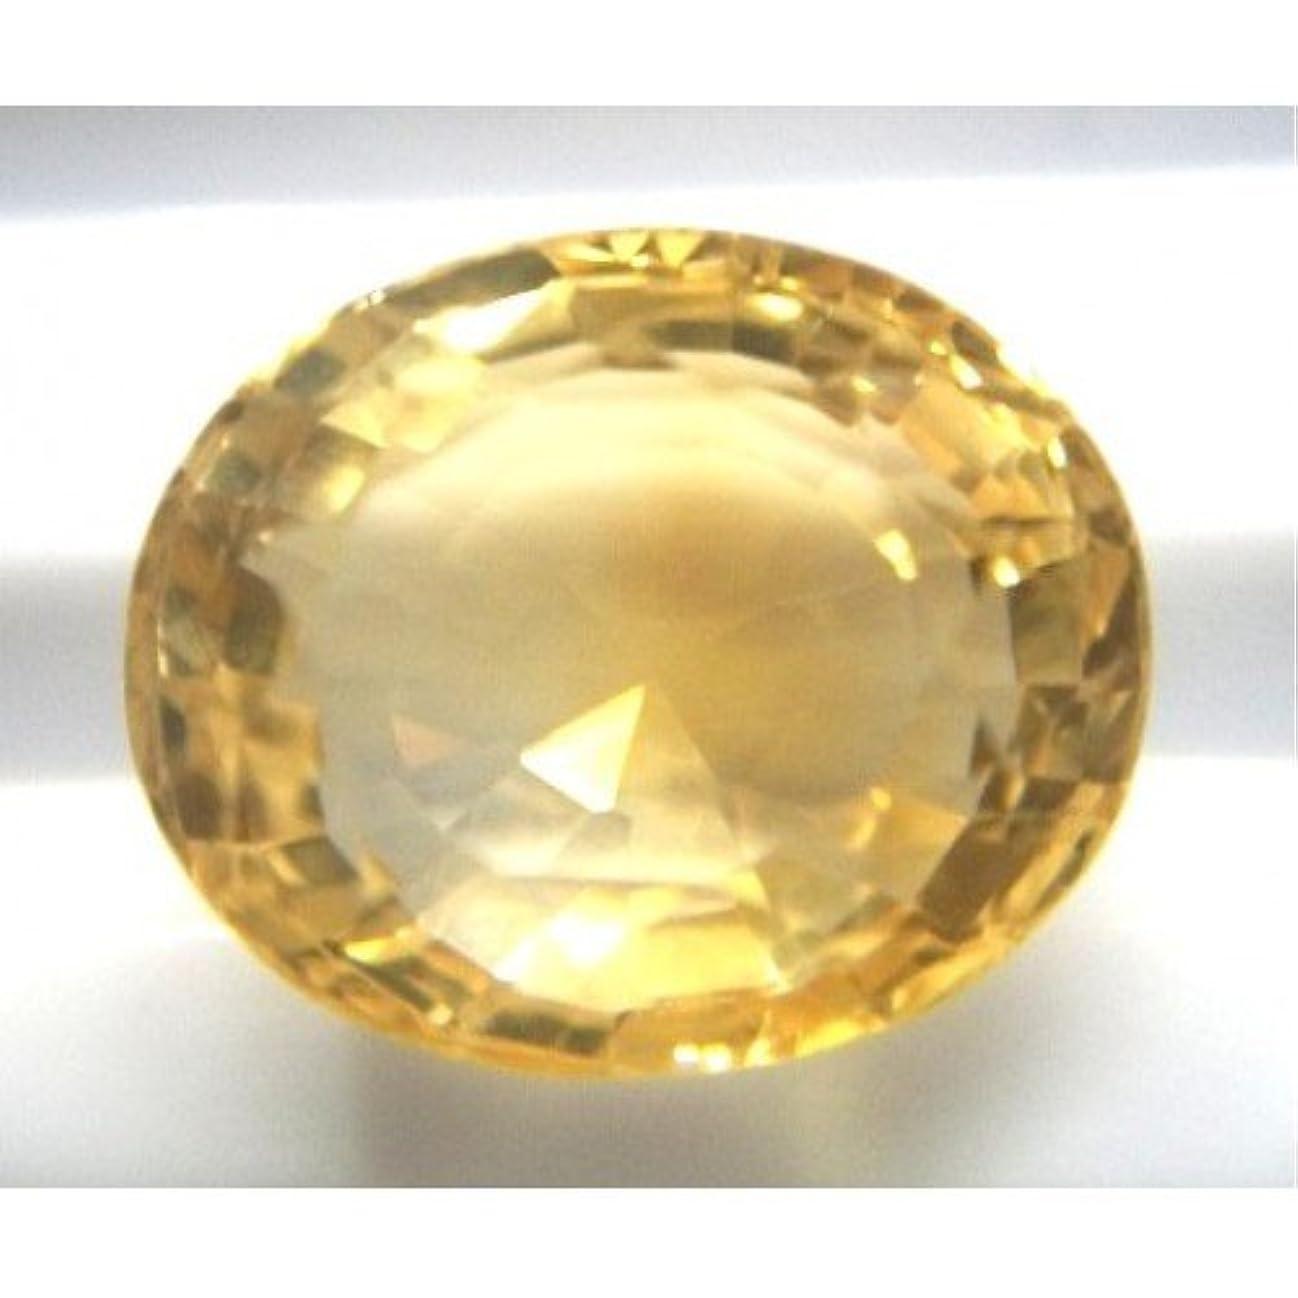 歌う統計的ごみシトリン石元認定天然sunehla宝石4.9カラットby gemselect